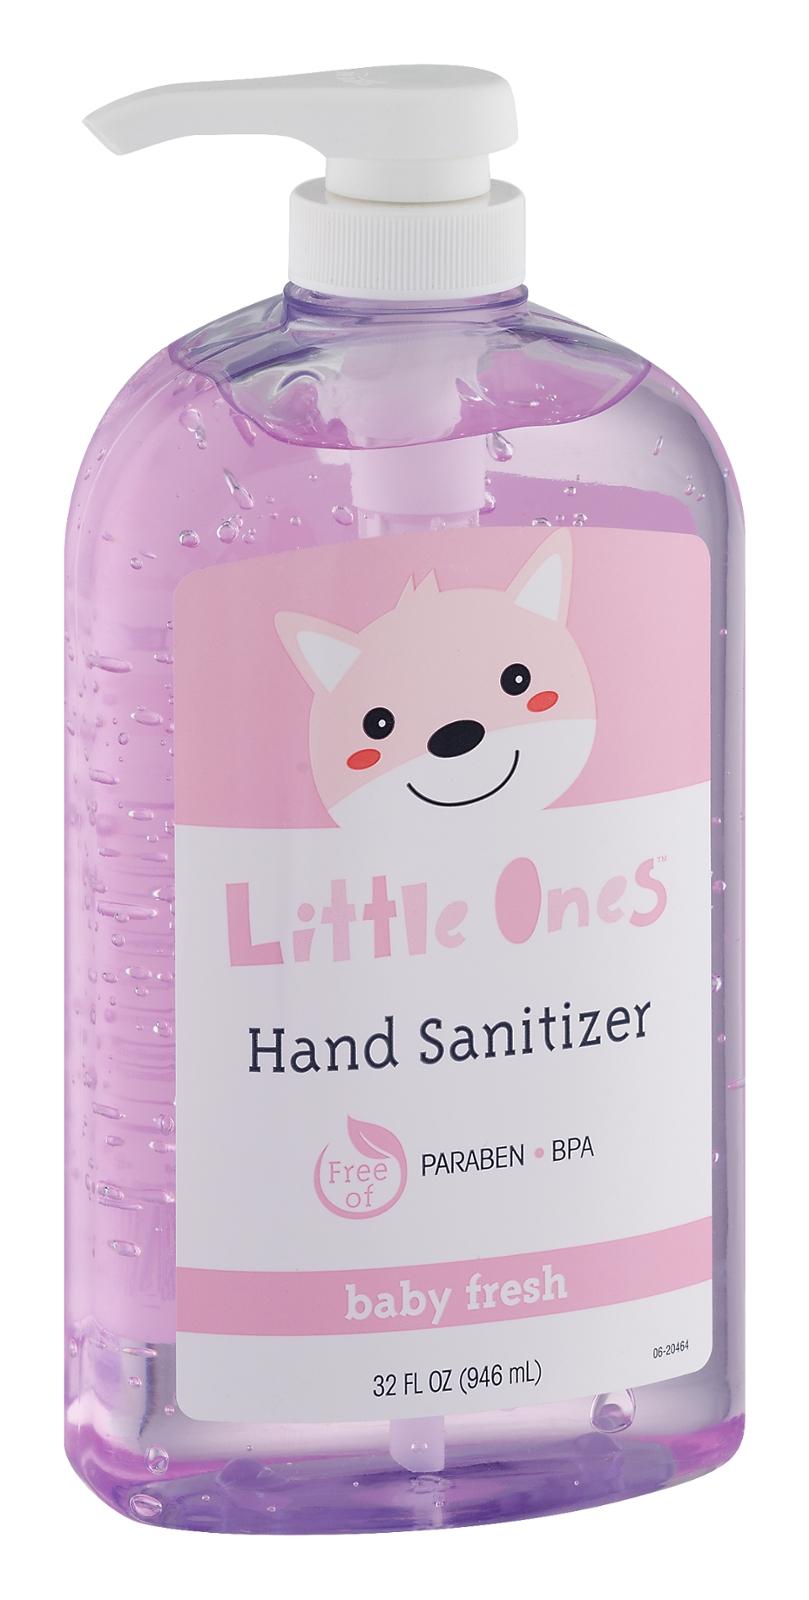 Little Ones Hand Sanitizer Baby Fresh 32 oz